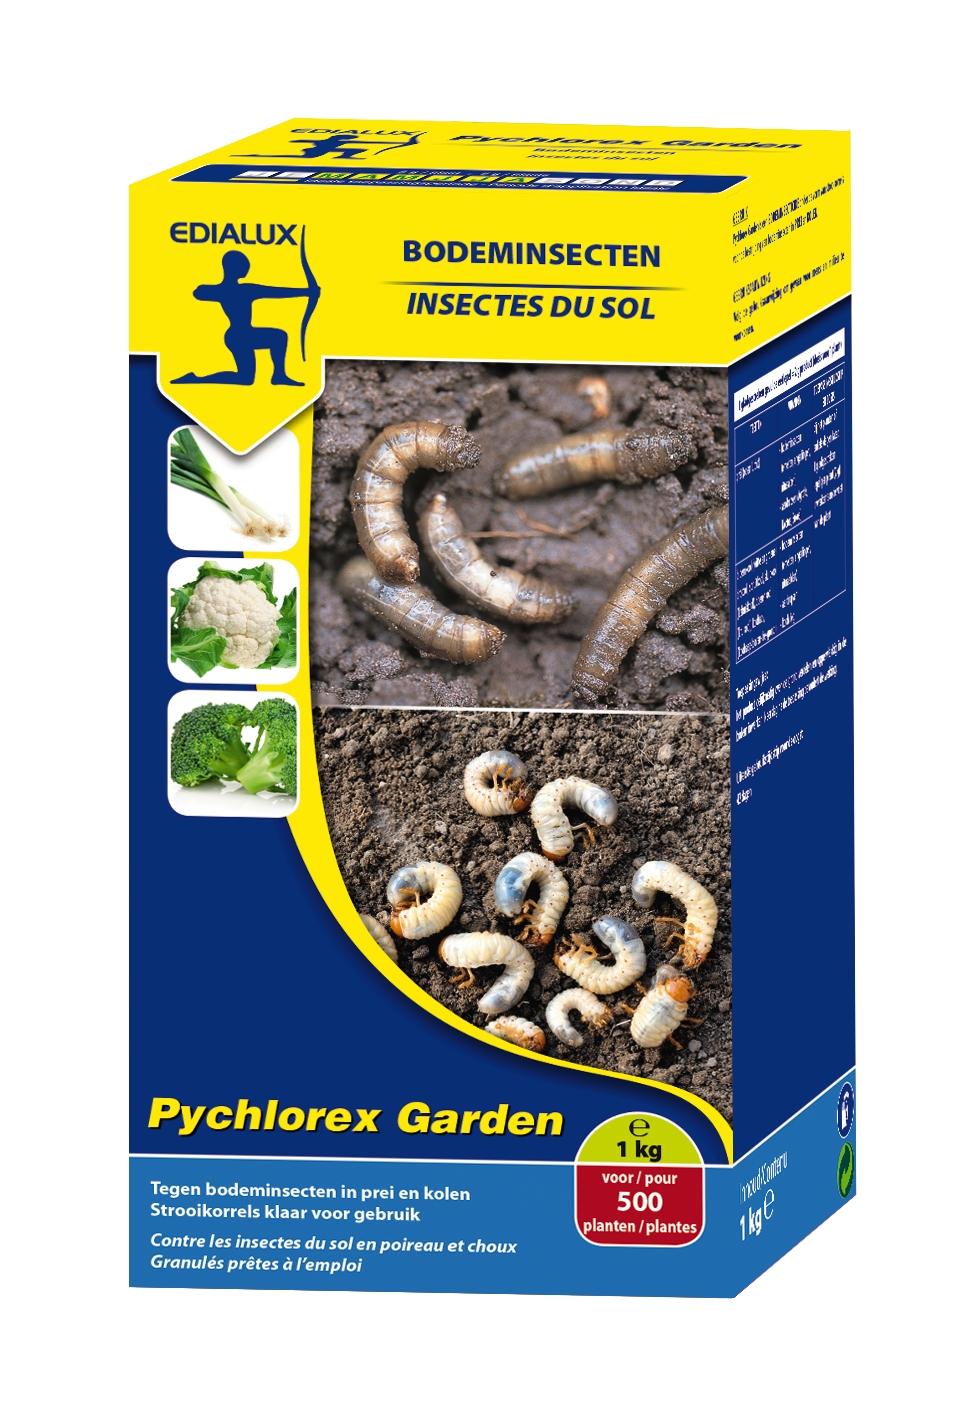 Edialux Pychlorex Garden